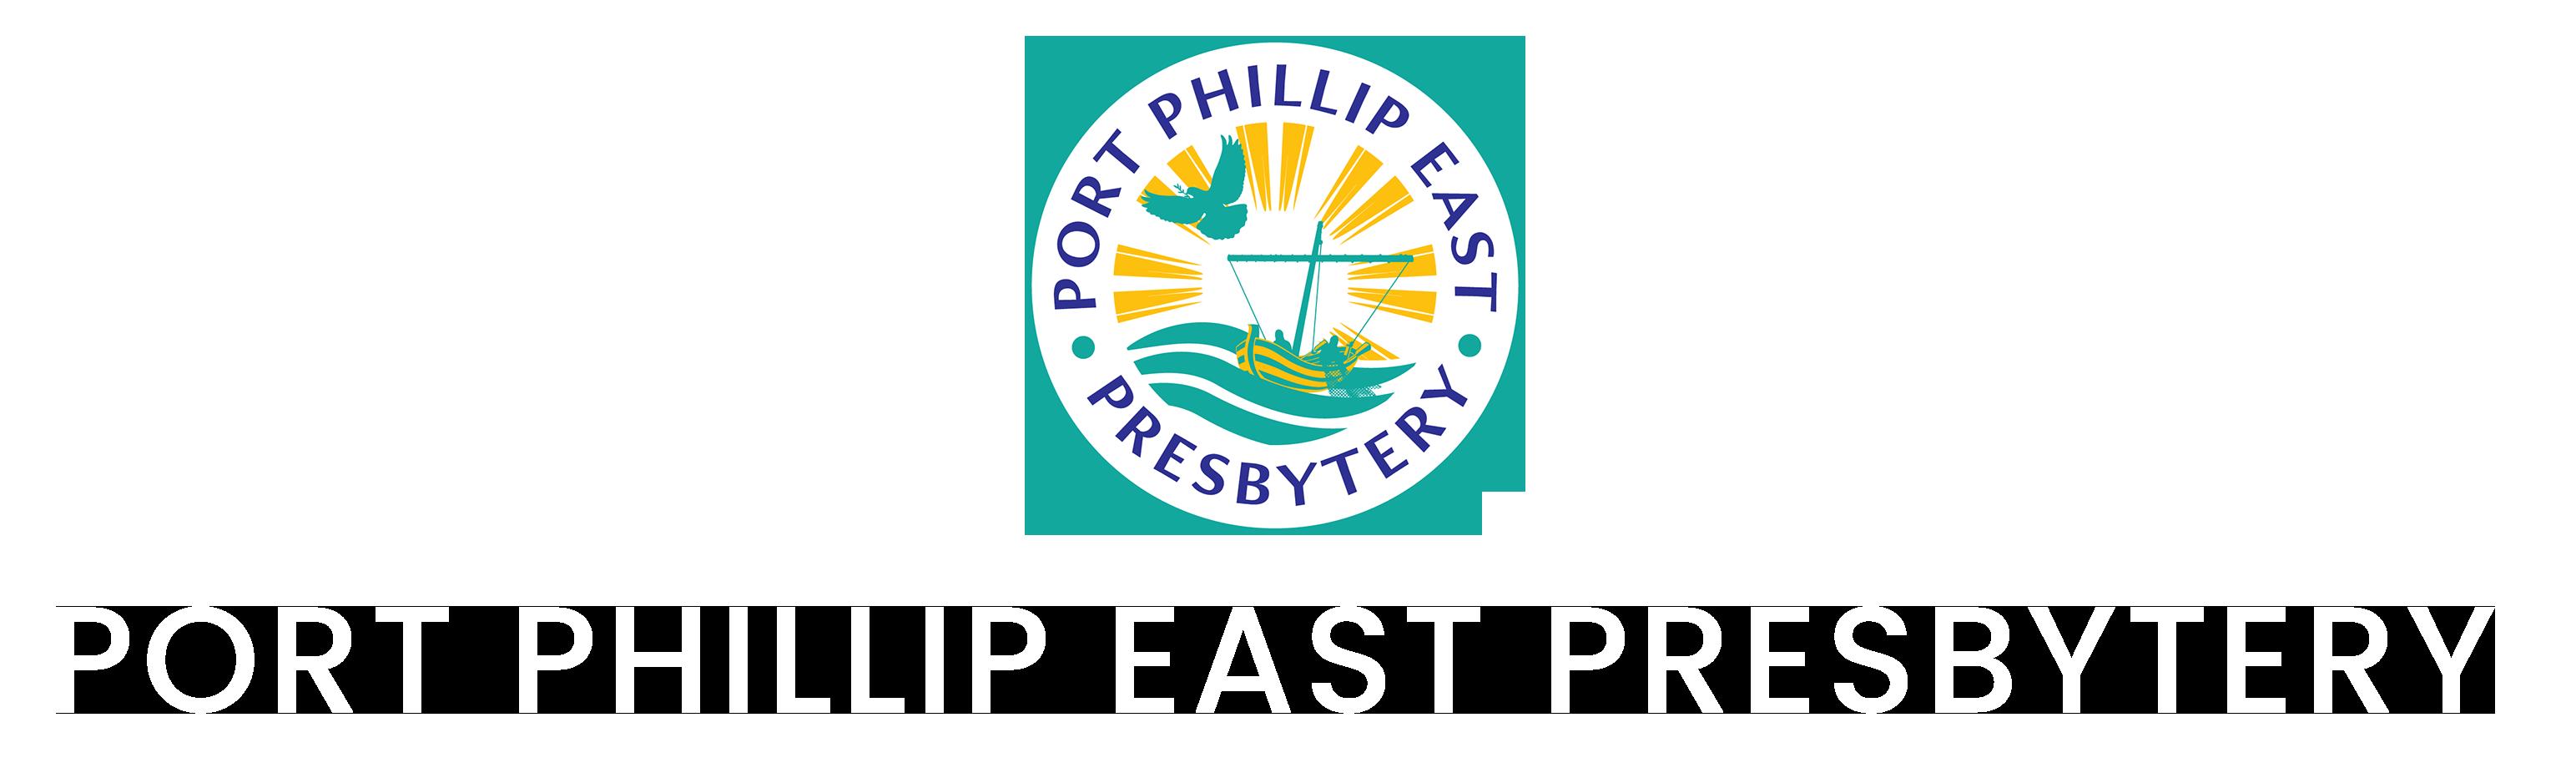 Port Phillip East Presbytery